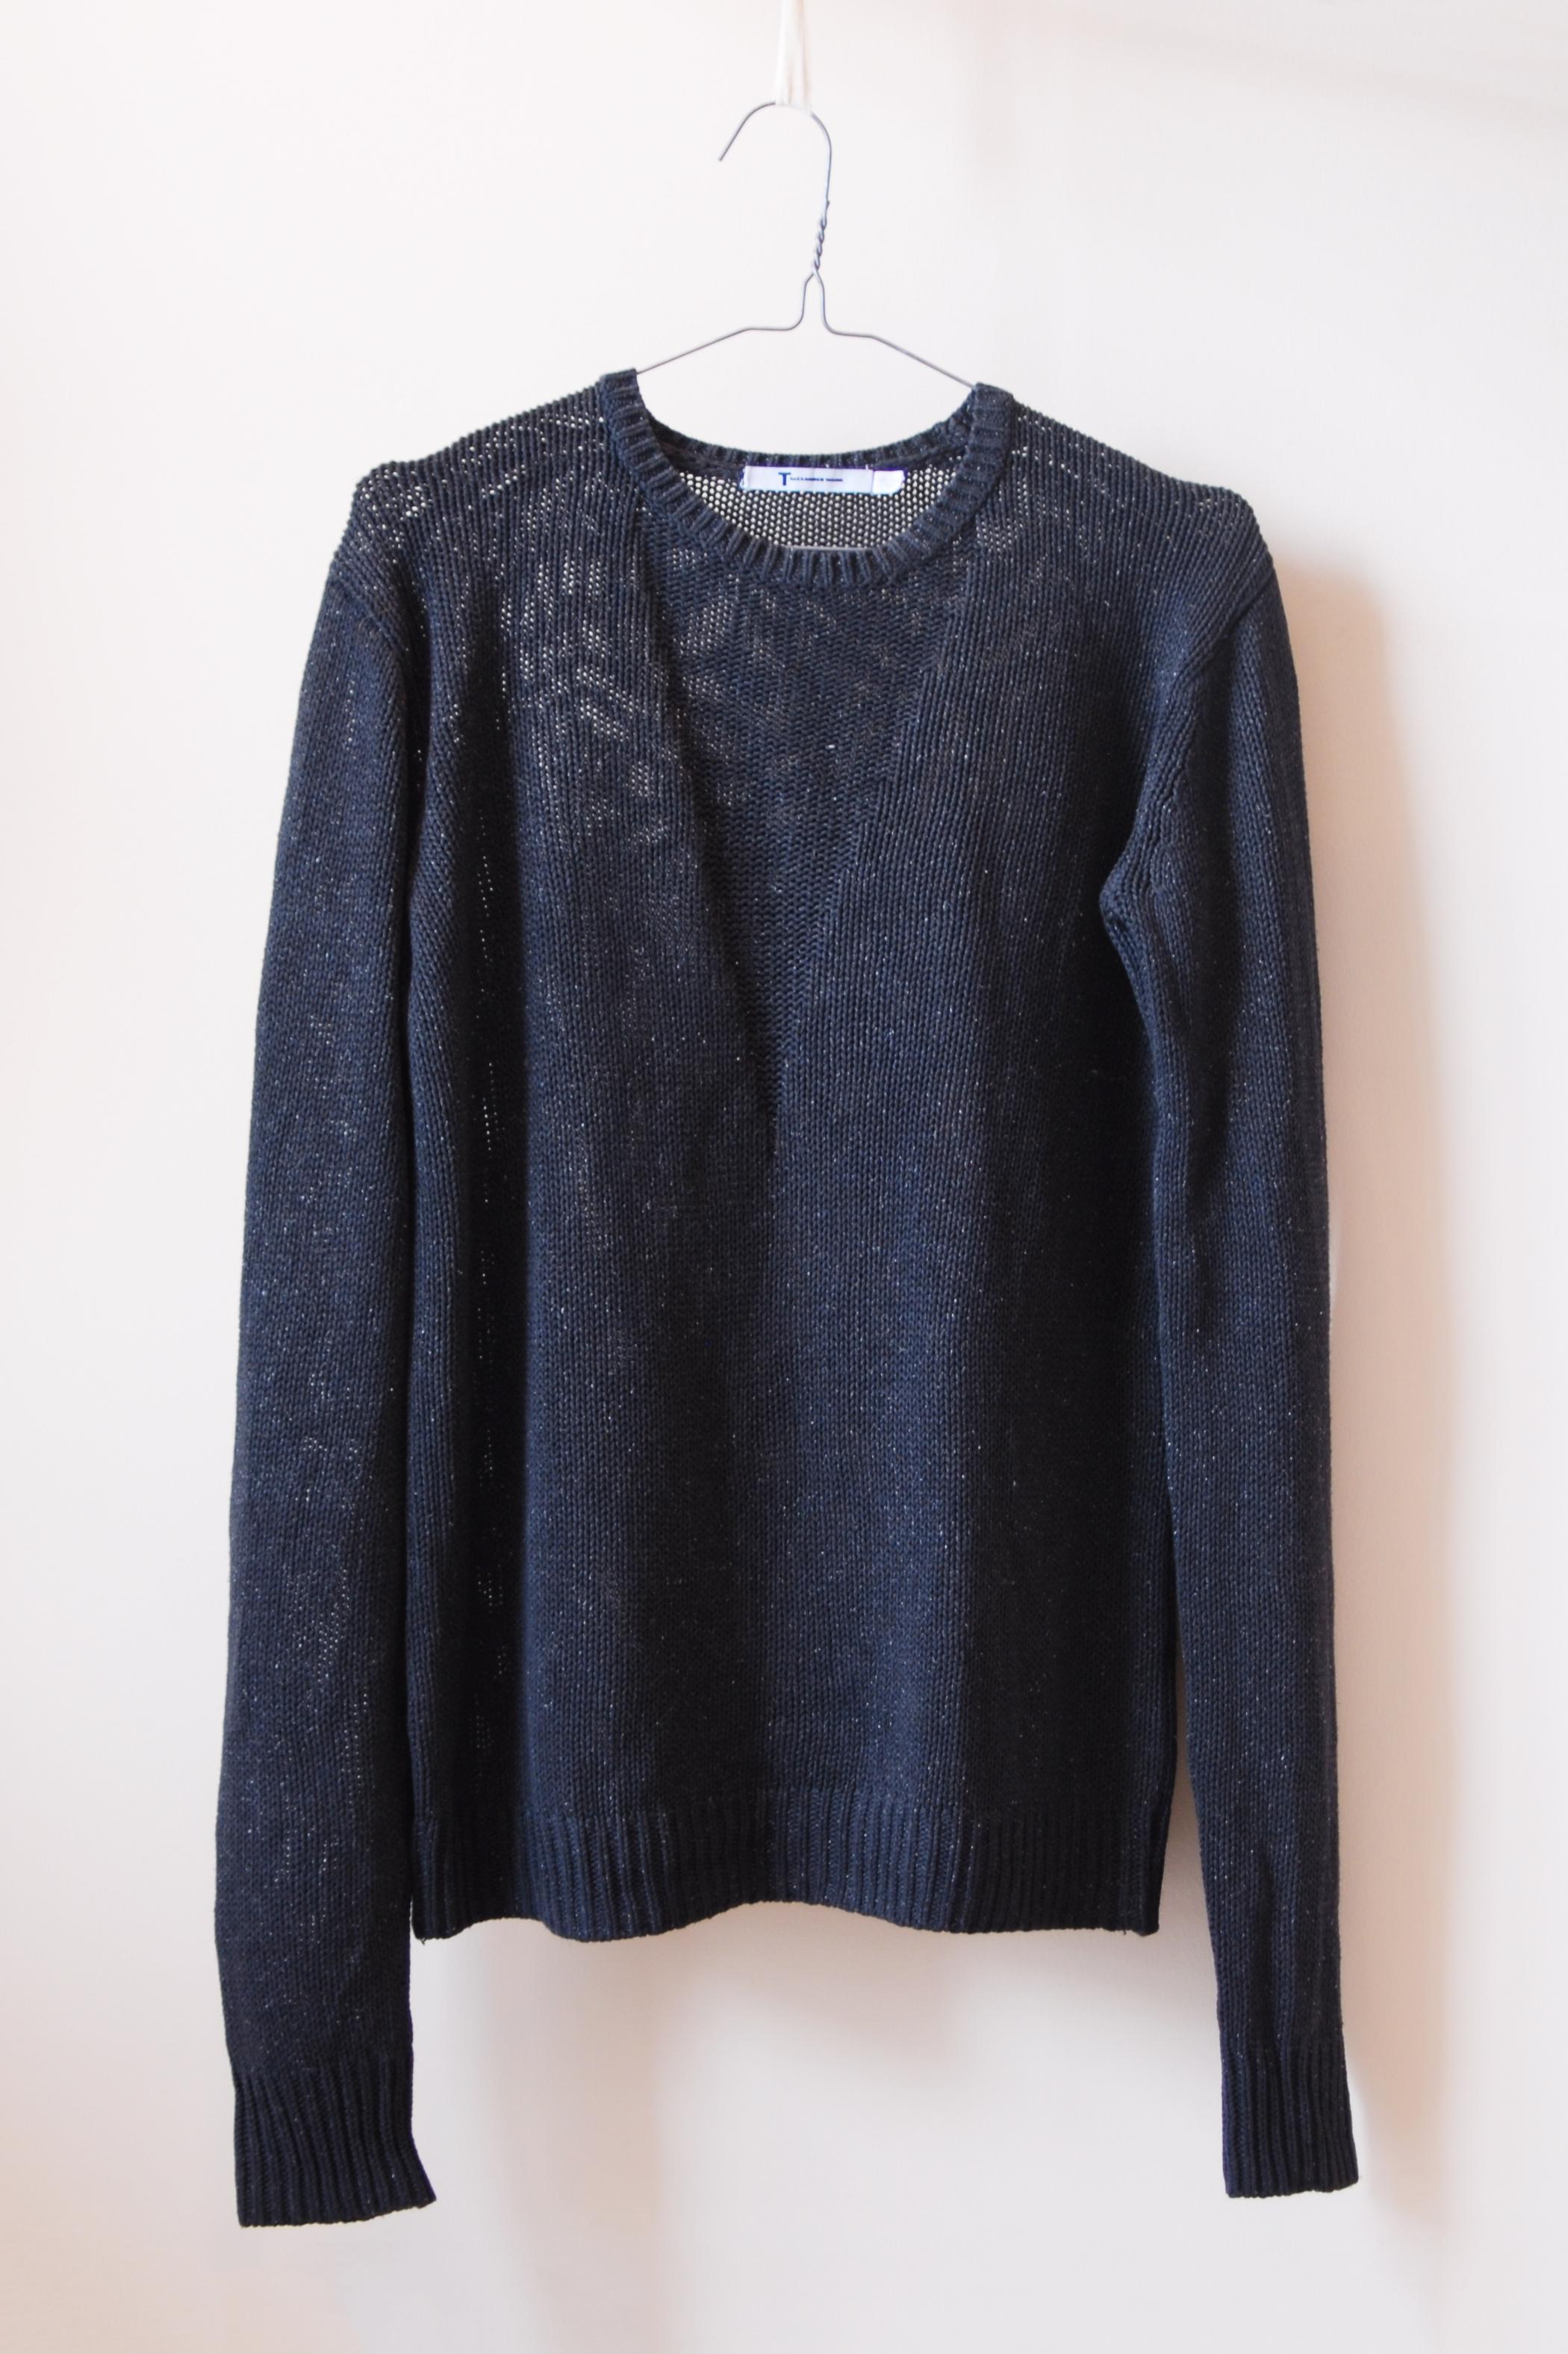 Alex Wang Sweater.jpg